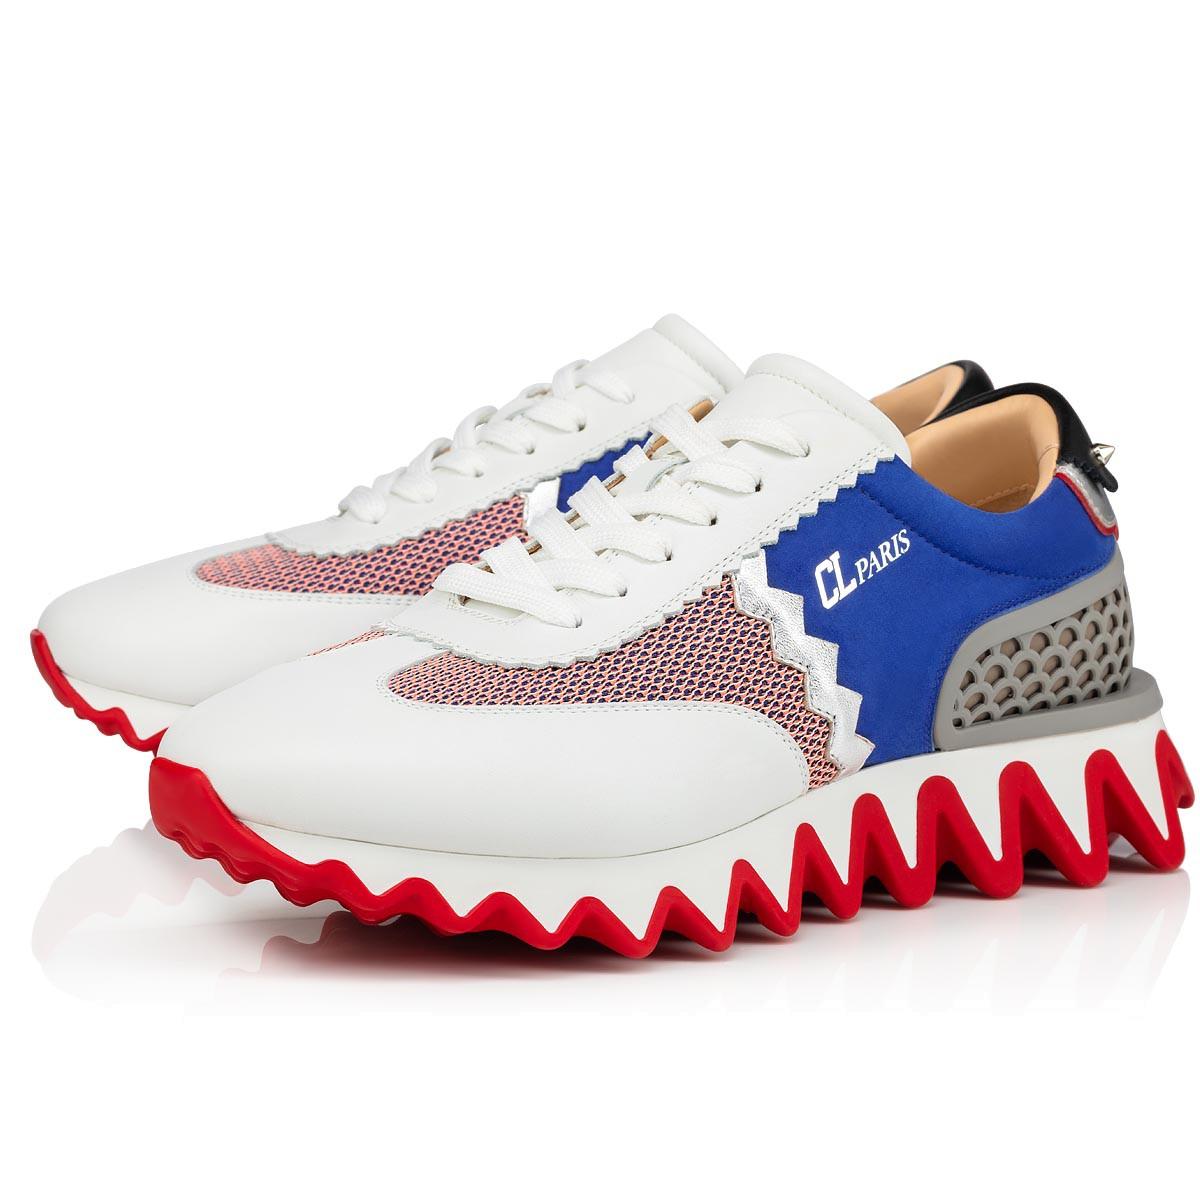 Shoes - Loubishark Flat - Christian Louboutin